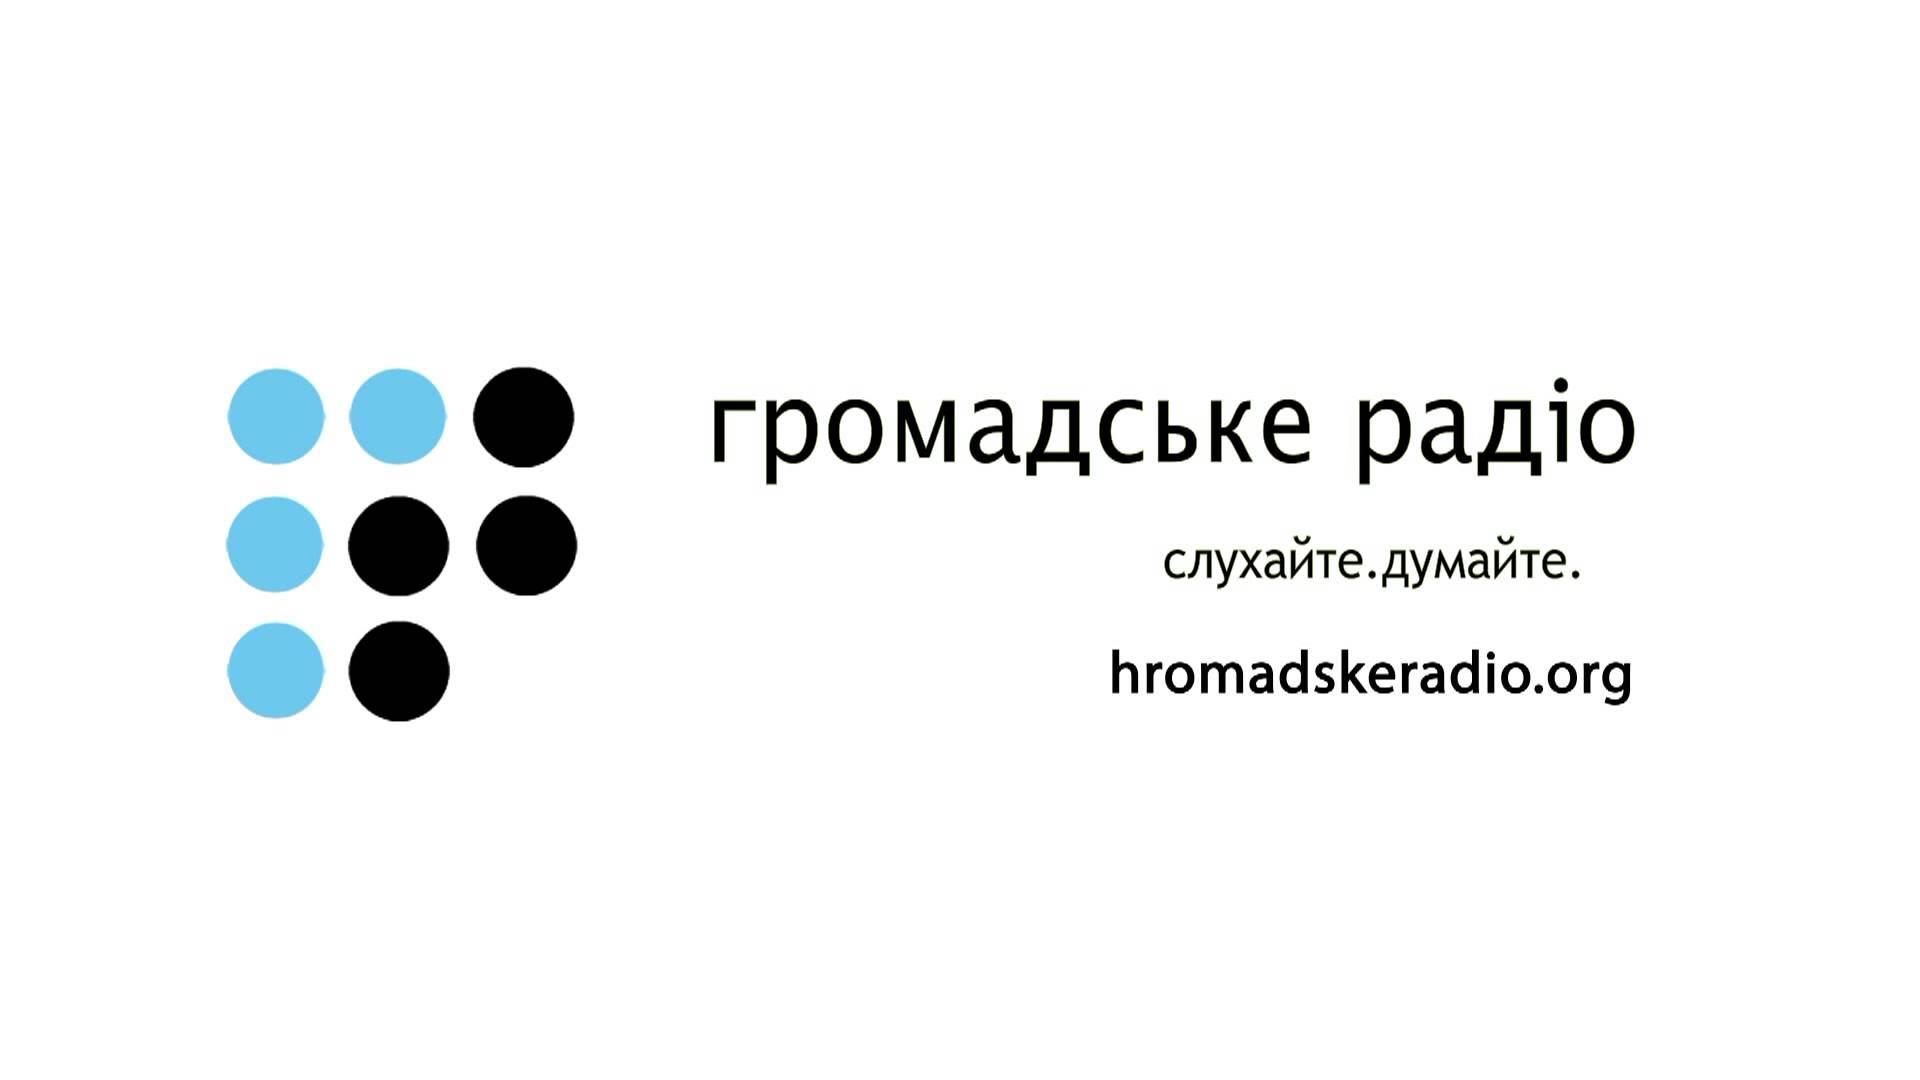 «Громадське радіо» зібрало на розвиток 200 тис грн